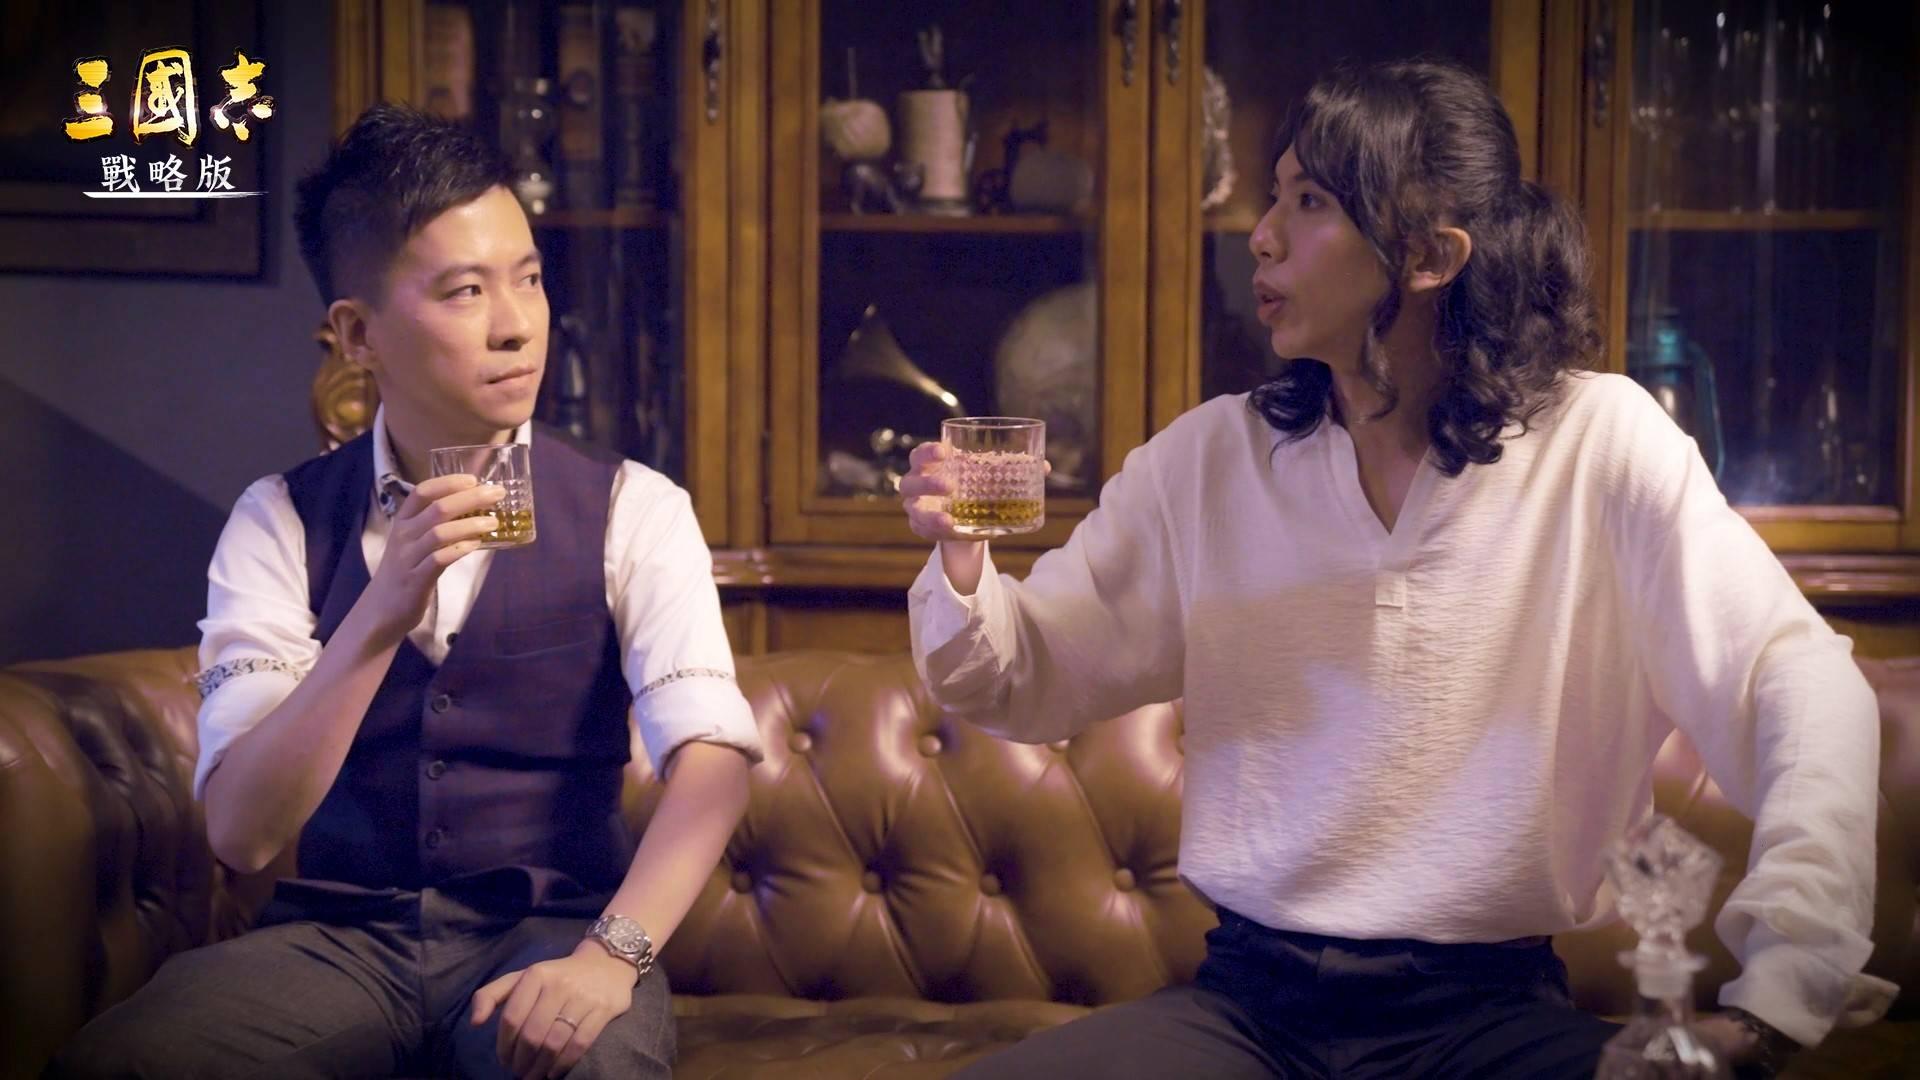 《三國志・戰略版》 真男人講談香港站上映 鄭子誠舌戰達哥、毛爸